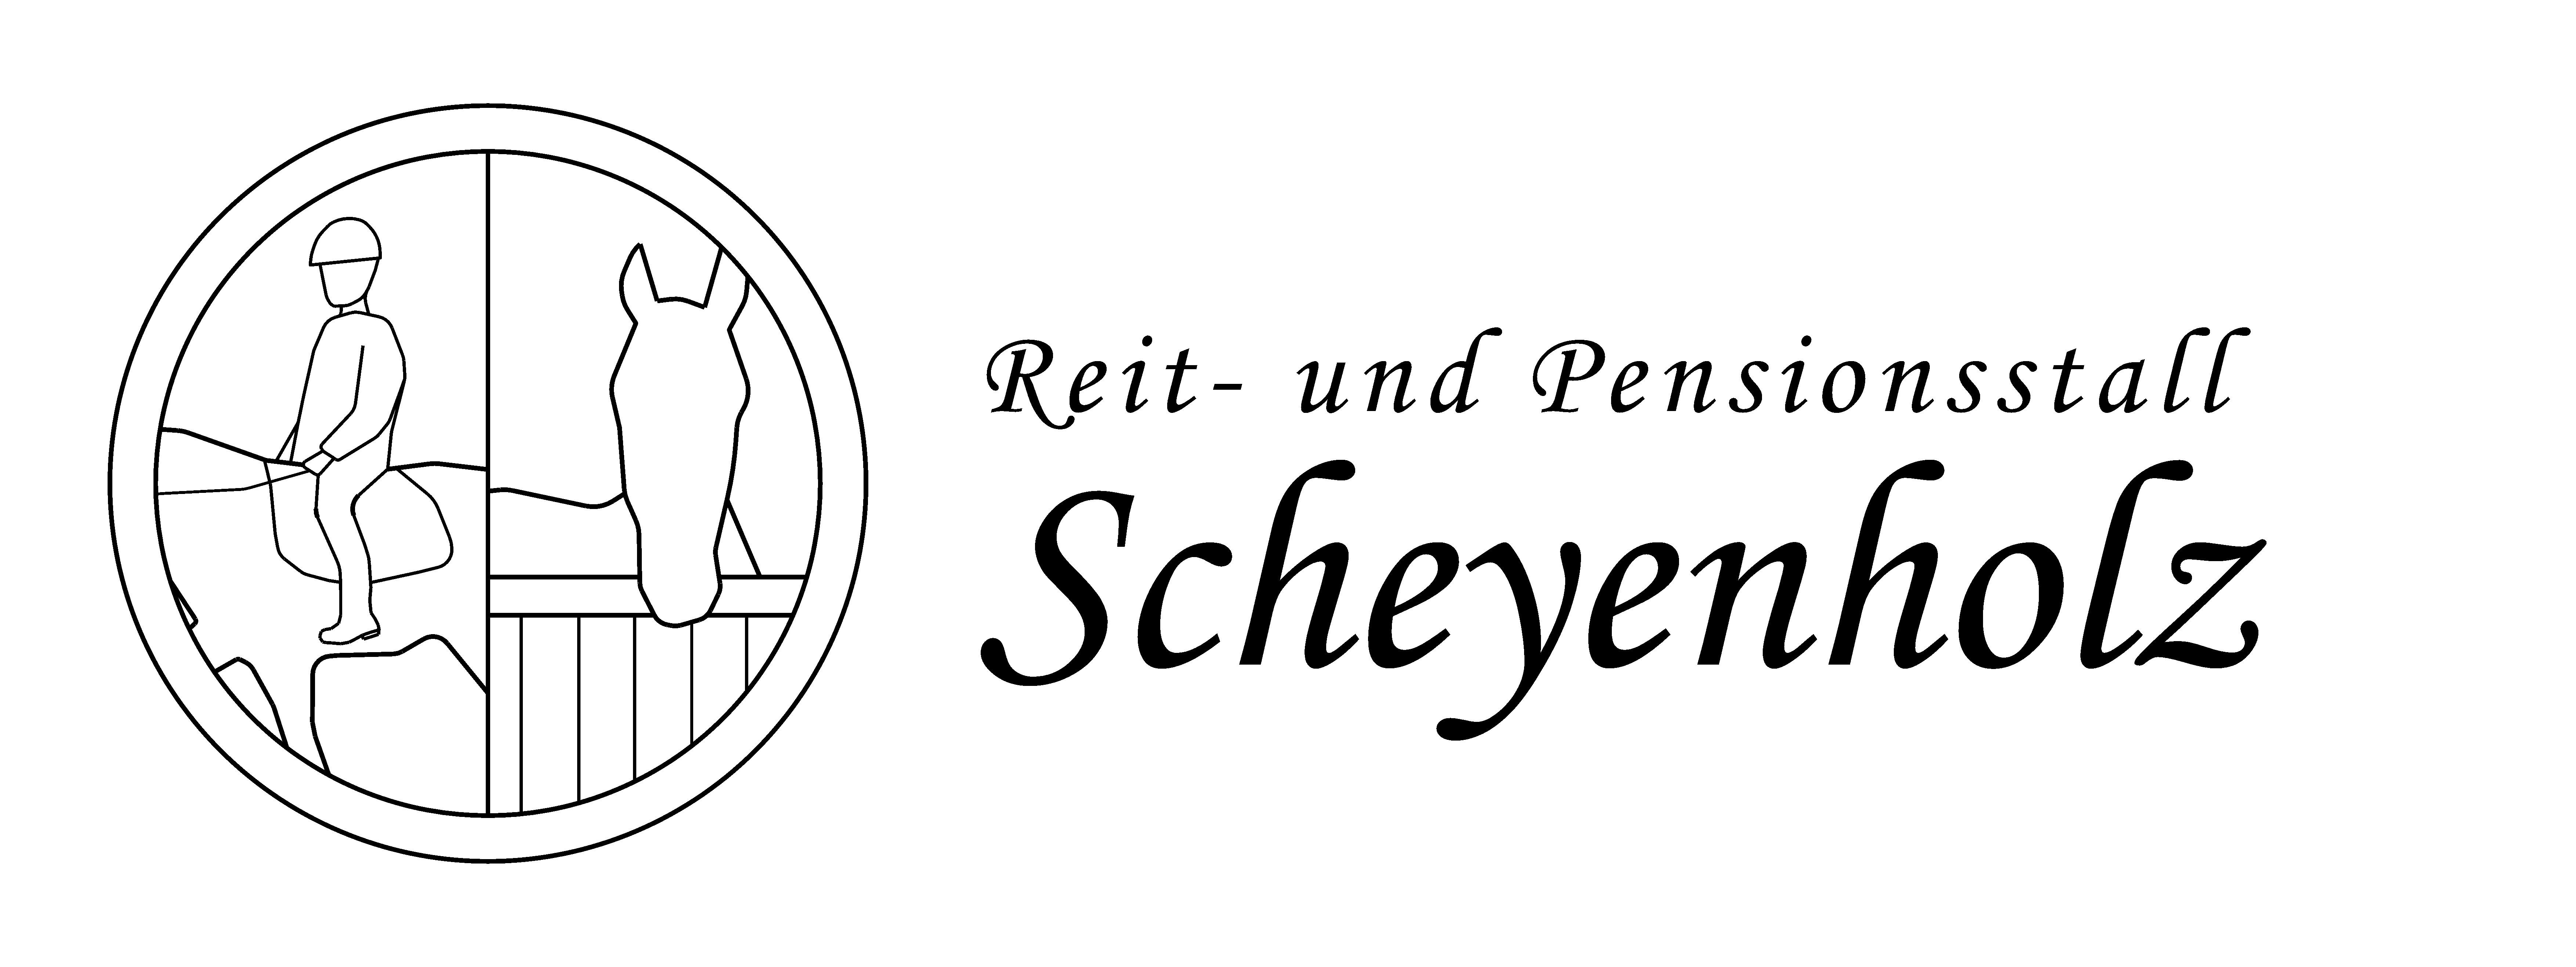 Reit und Pensionsstall Scheyenholz